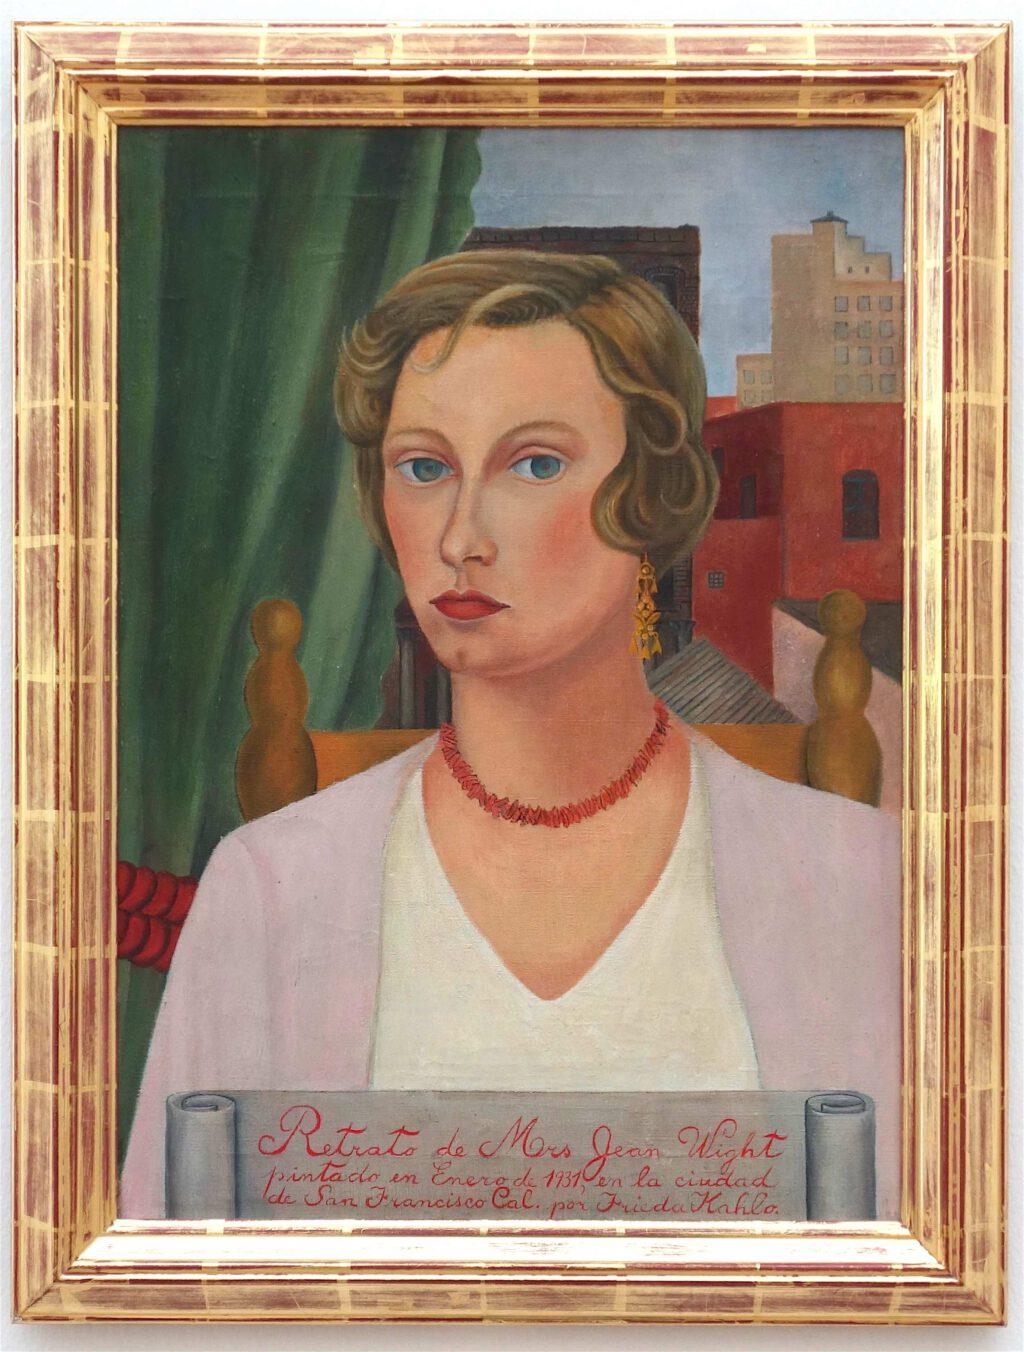 フリーダ・カーロ「ジーン・ワイト夫人の肖像画」 キャンバスに油彩、63.5 x 46 センチ、1931年 (Berggruen Collection)